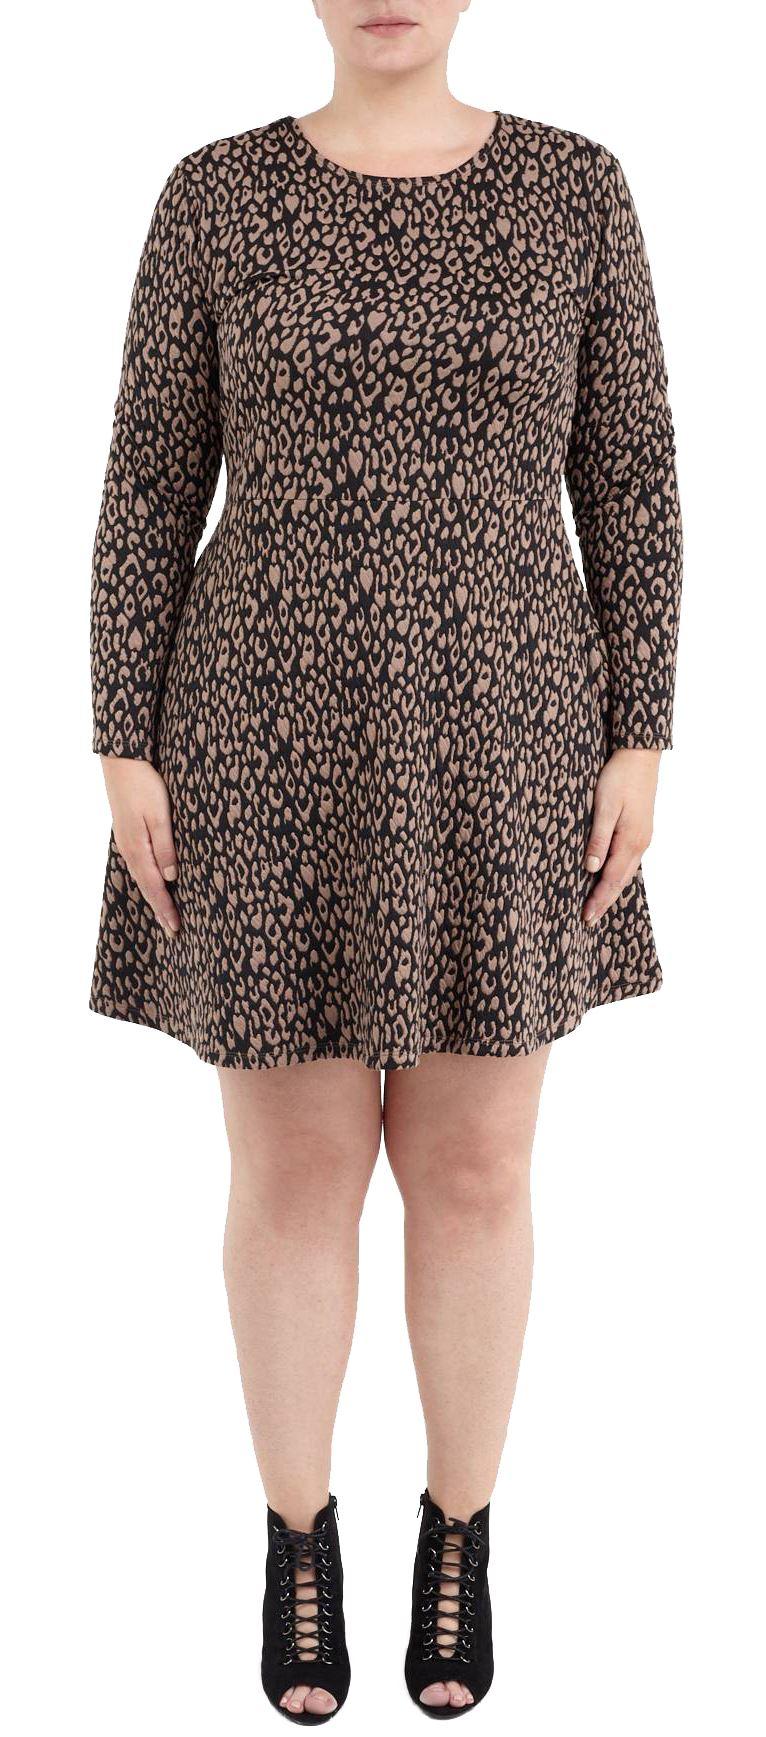 Nouveau-Femmes-Plus-Taille-Animal-Impression-Jacquard-Patineur-Robe-44-50